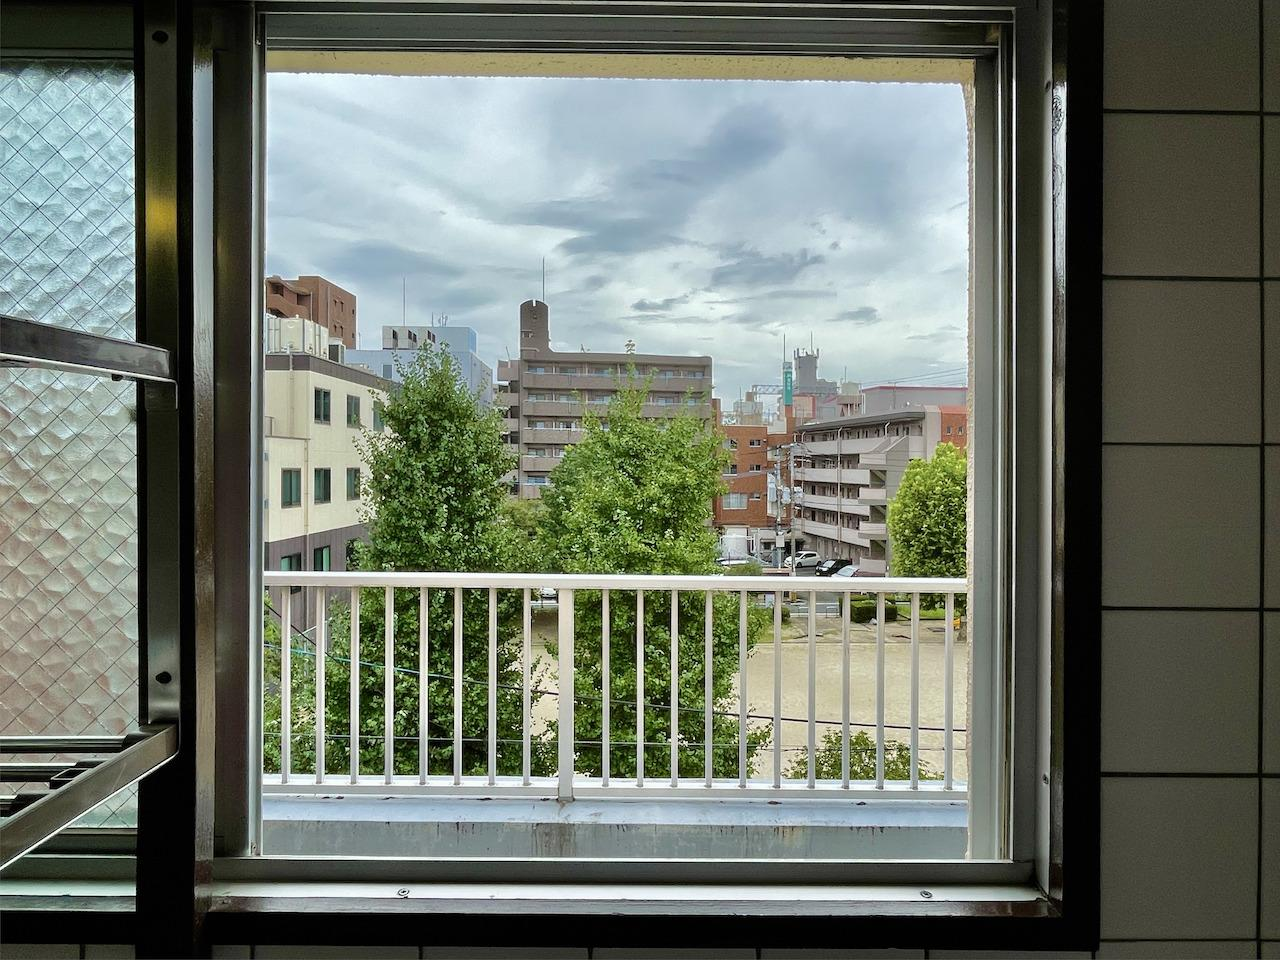 キッチン窓からの景色。緑見えます。